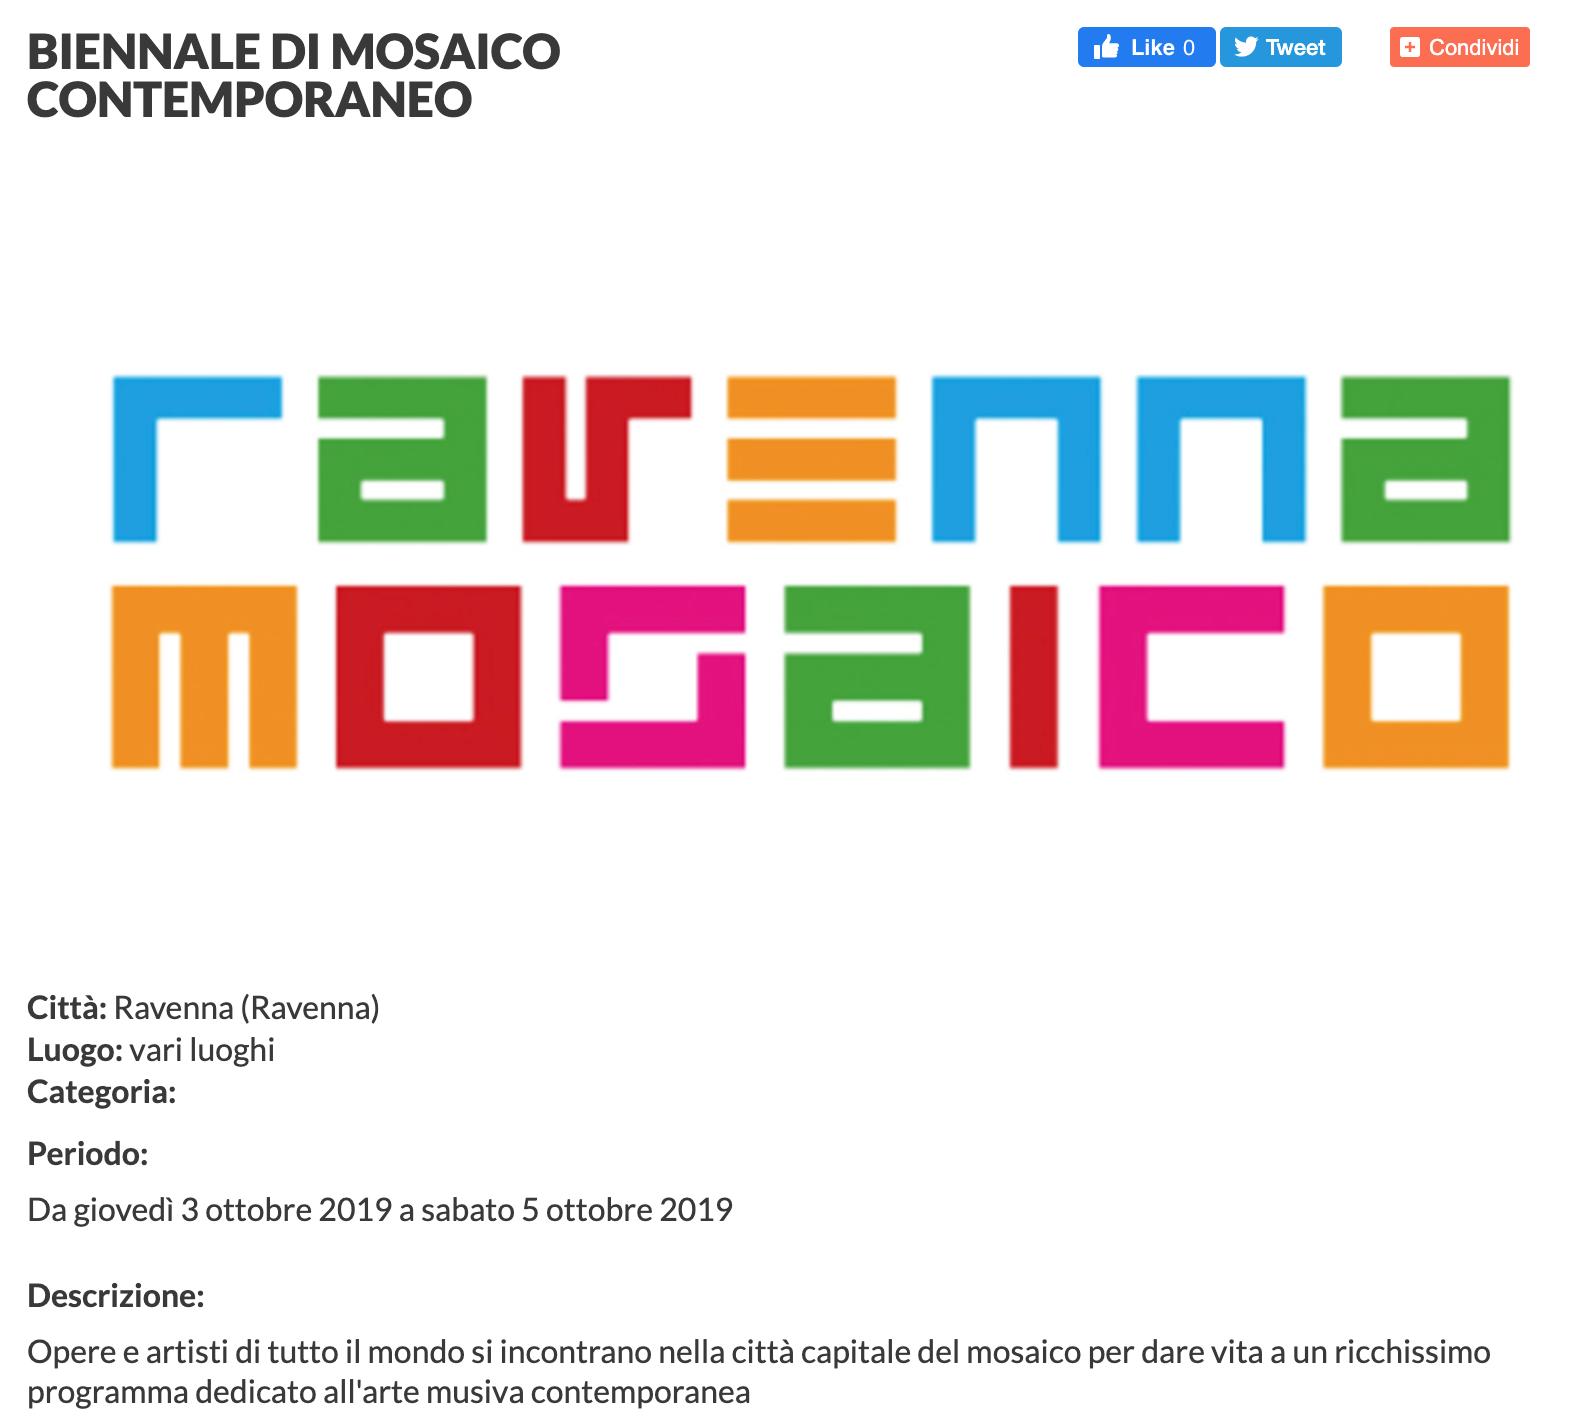 I cartoni per i mosaici di Dora Markus su Vivi Cesena | Pallavicini22 spazio espositivo Ravenna